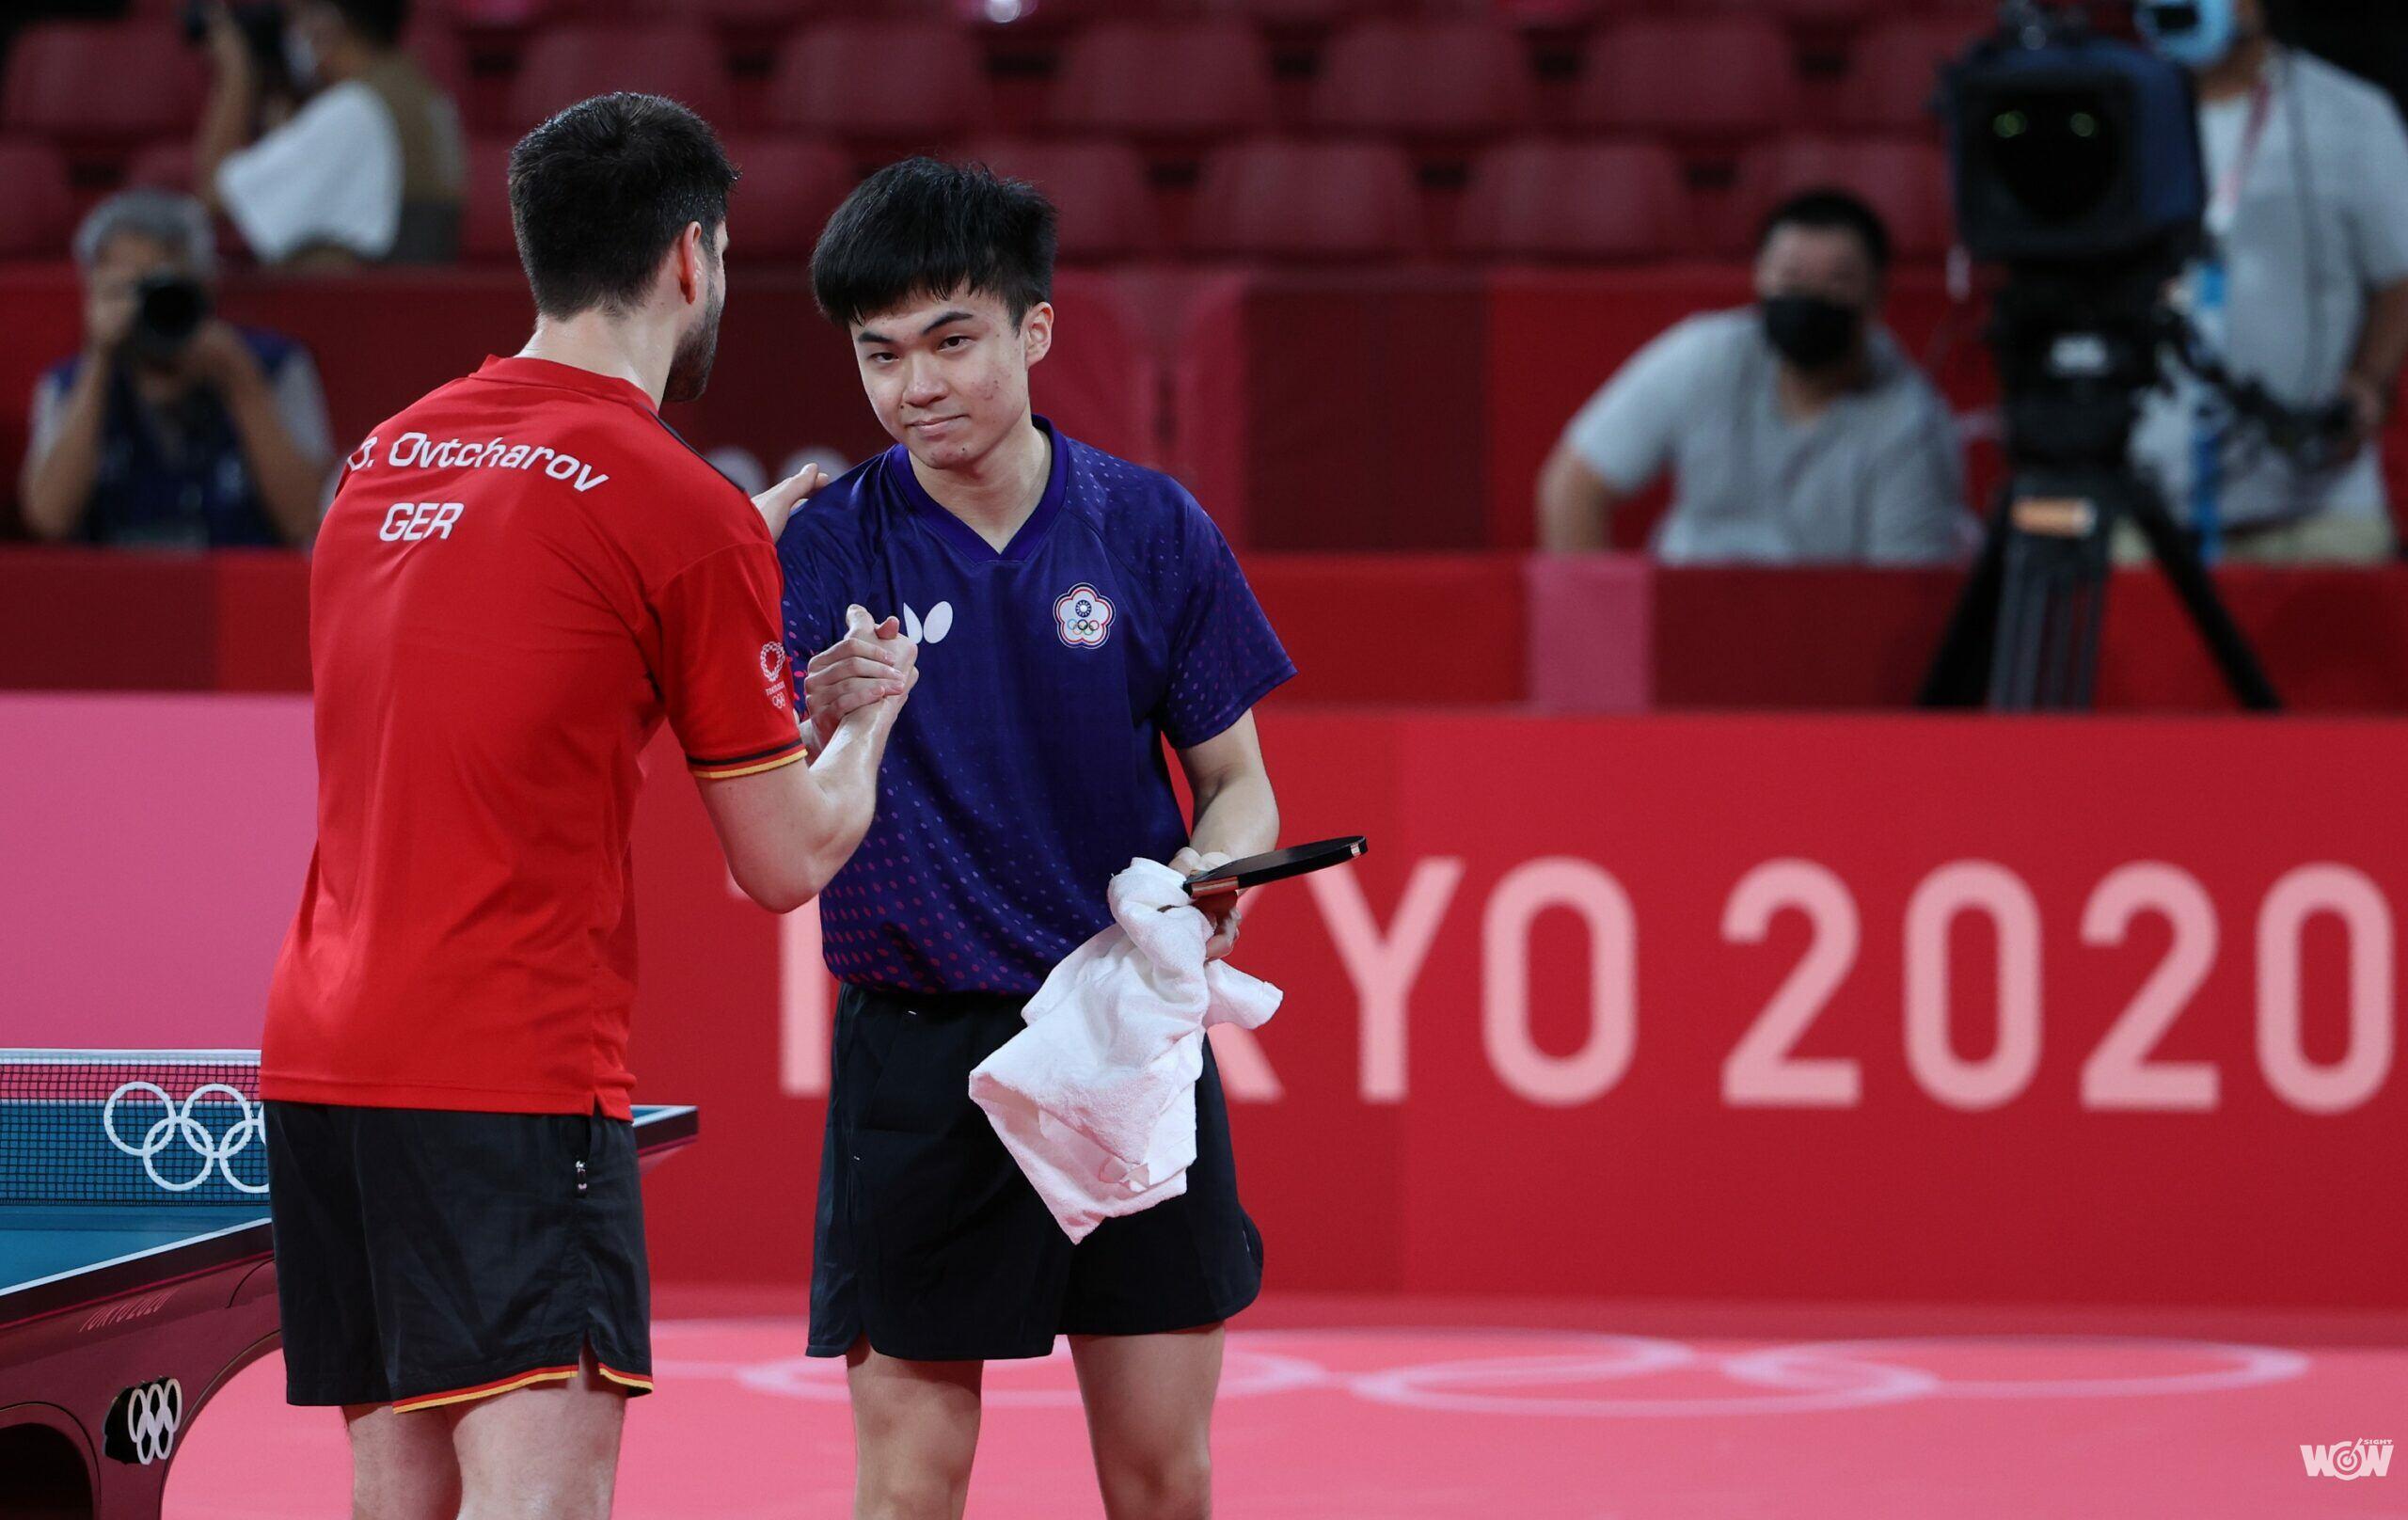 《奧運》距離獎牌就差一步 林昀儒怪自己沒把握機會